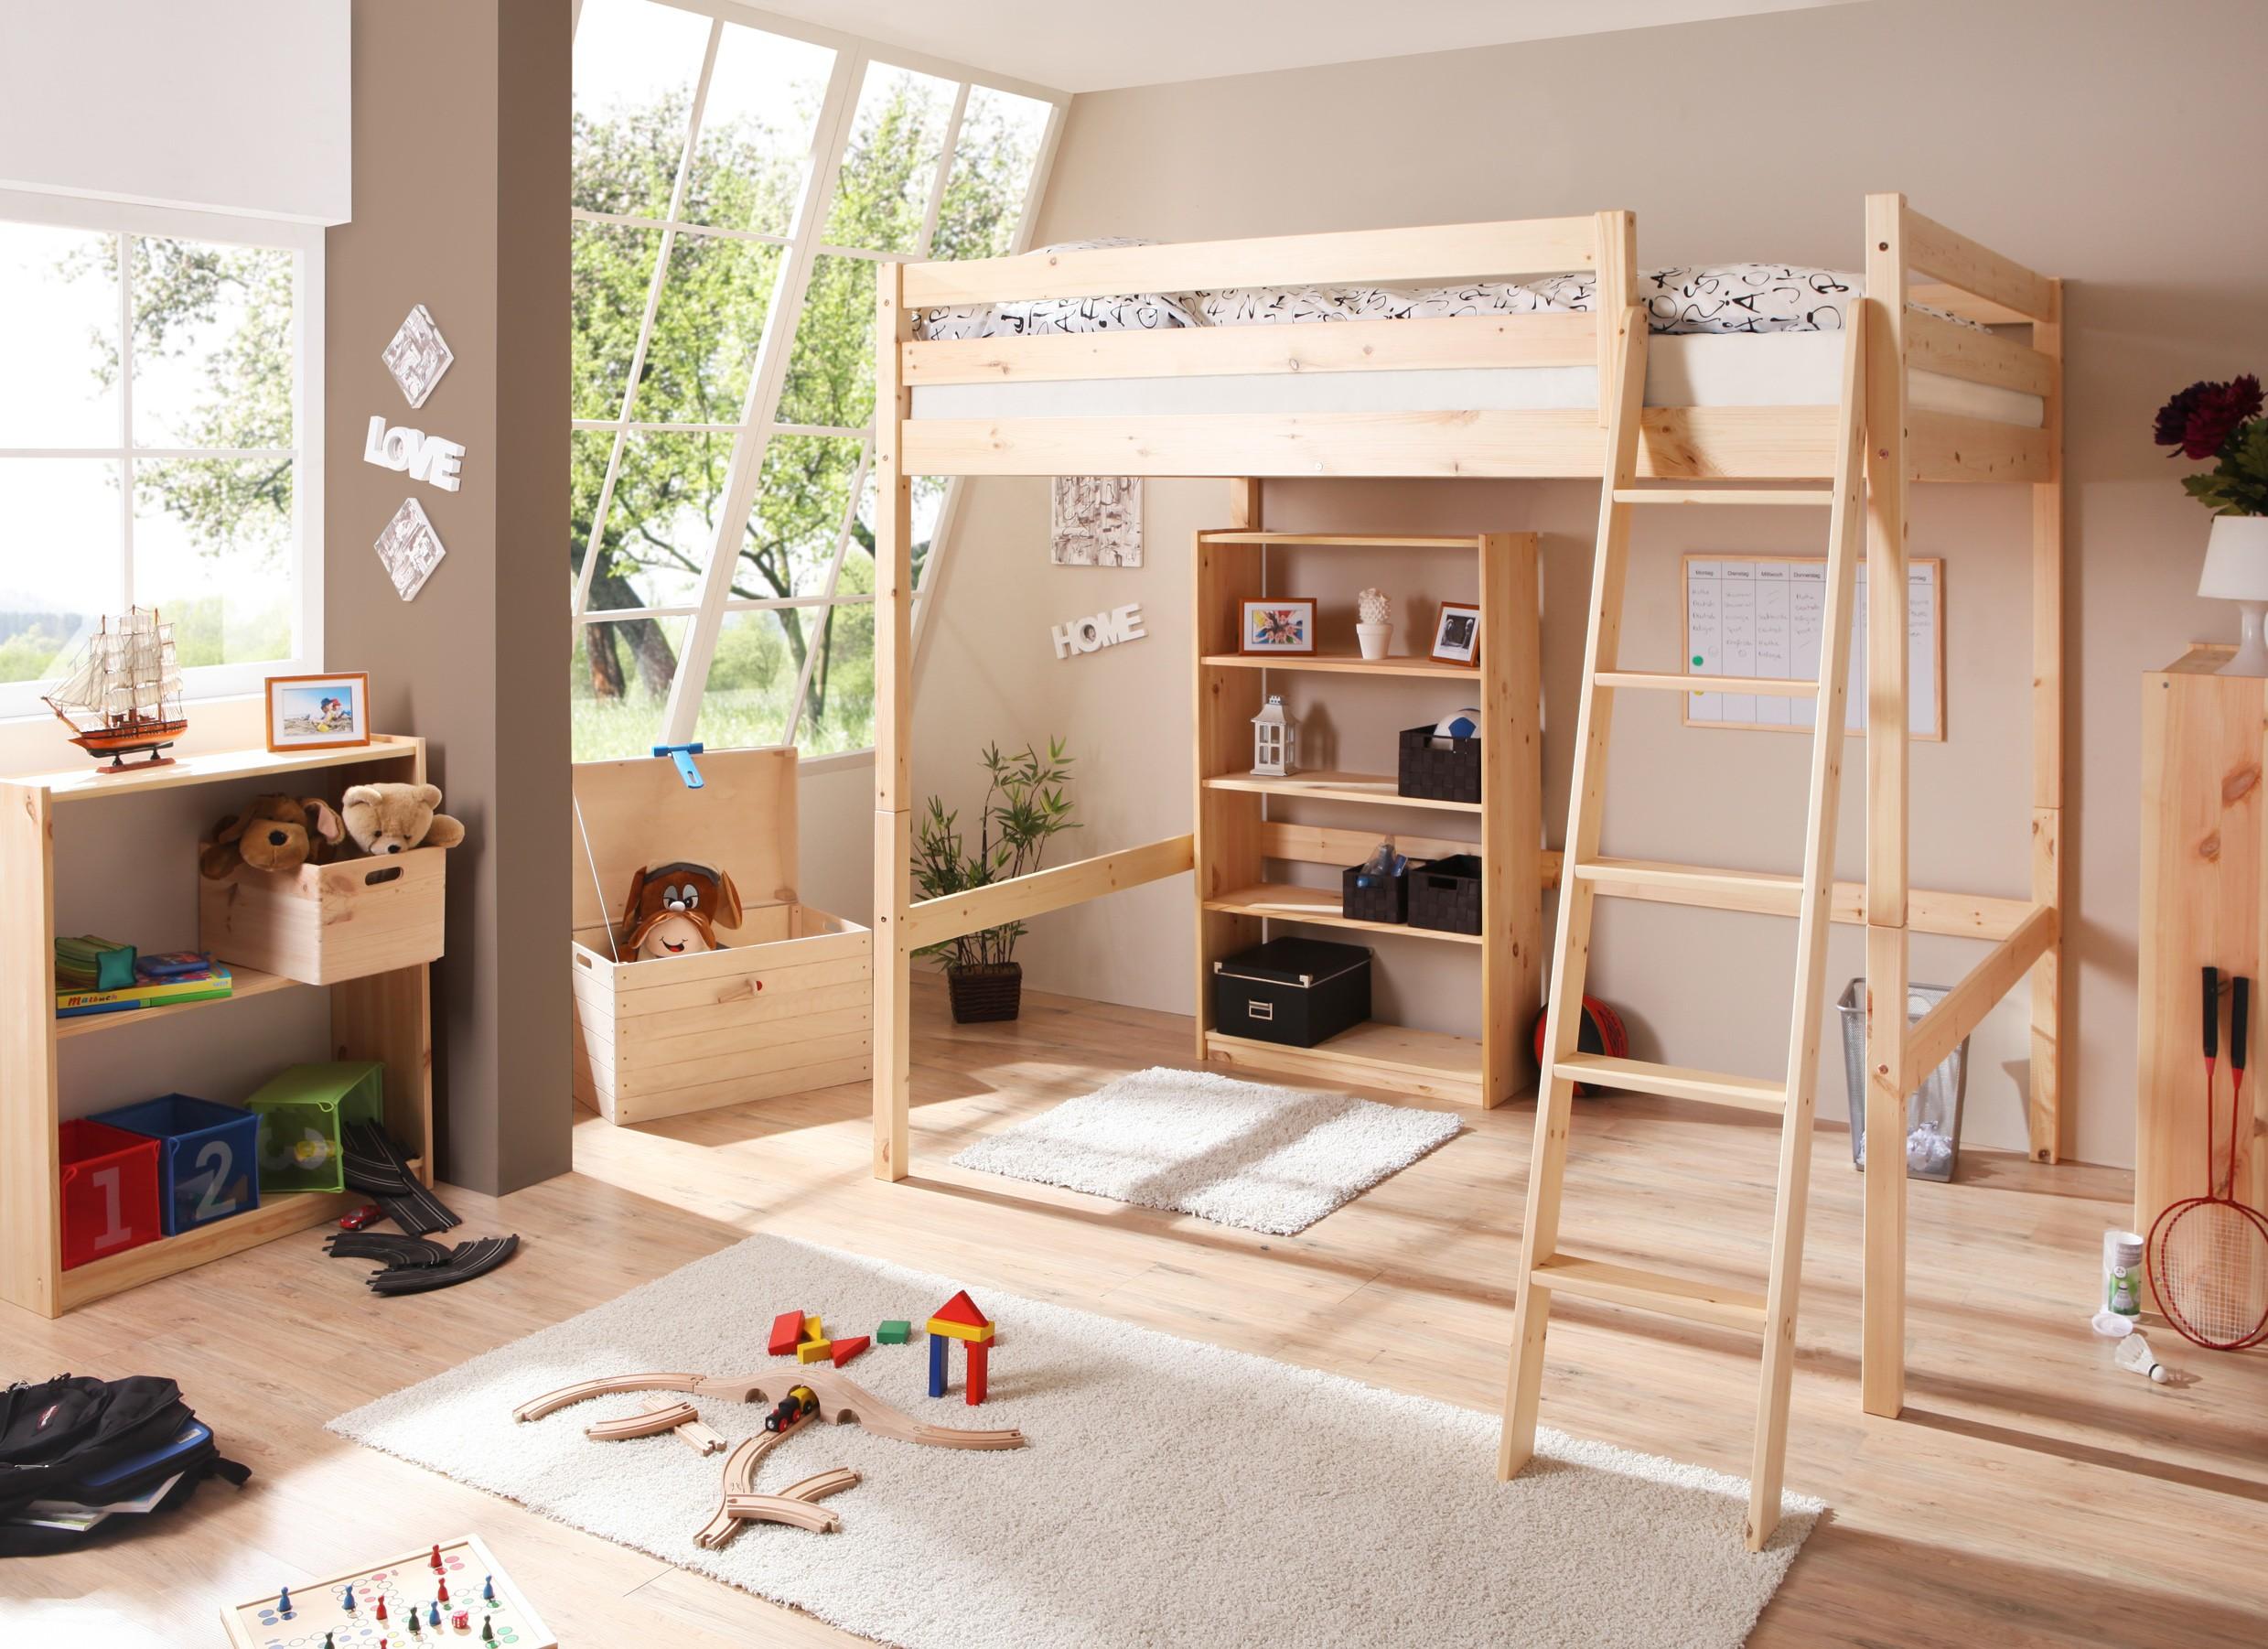 Etagenbett Kinder 140x200 : Hochbetten etagenbetten für kinder online kaufen höffner